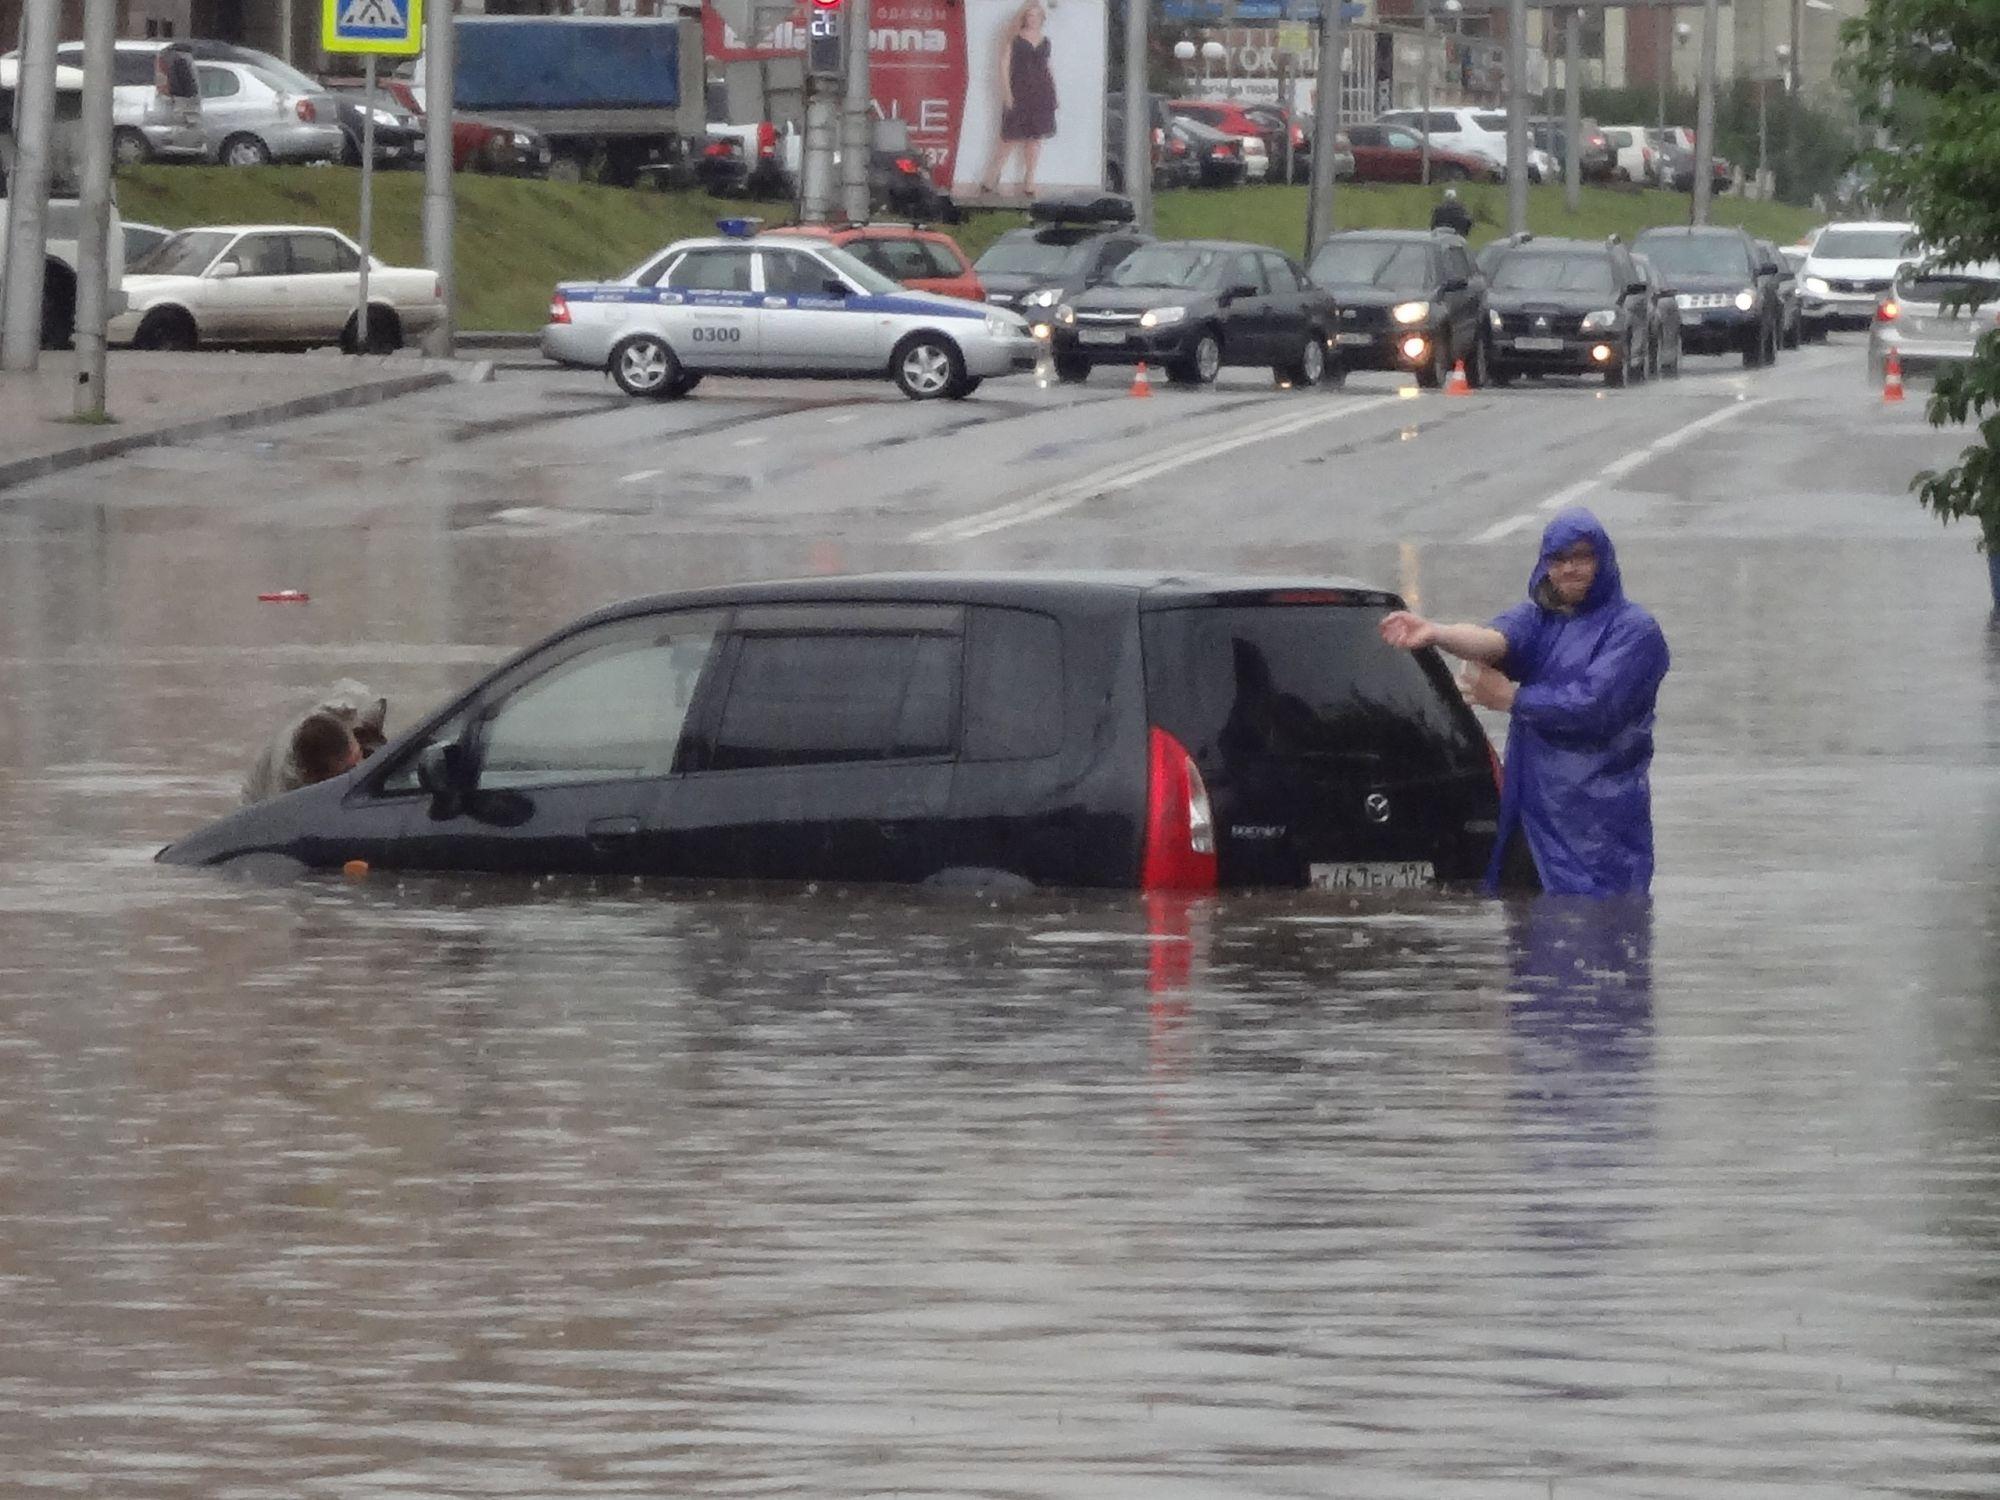 дождь в красноярске сегодня фото организовывали